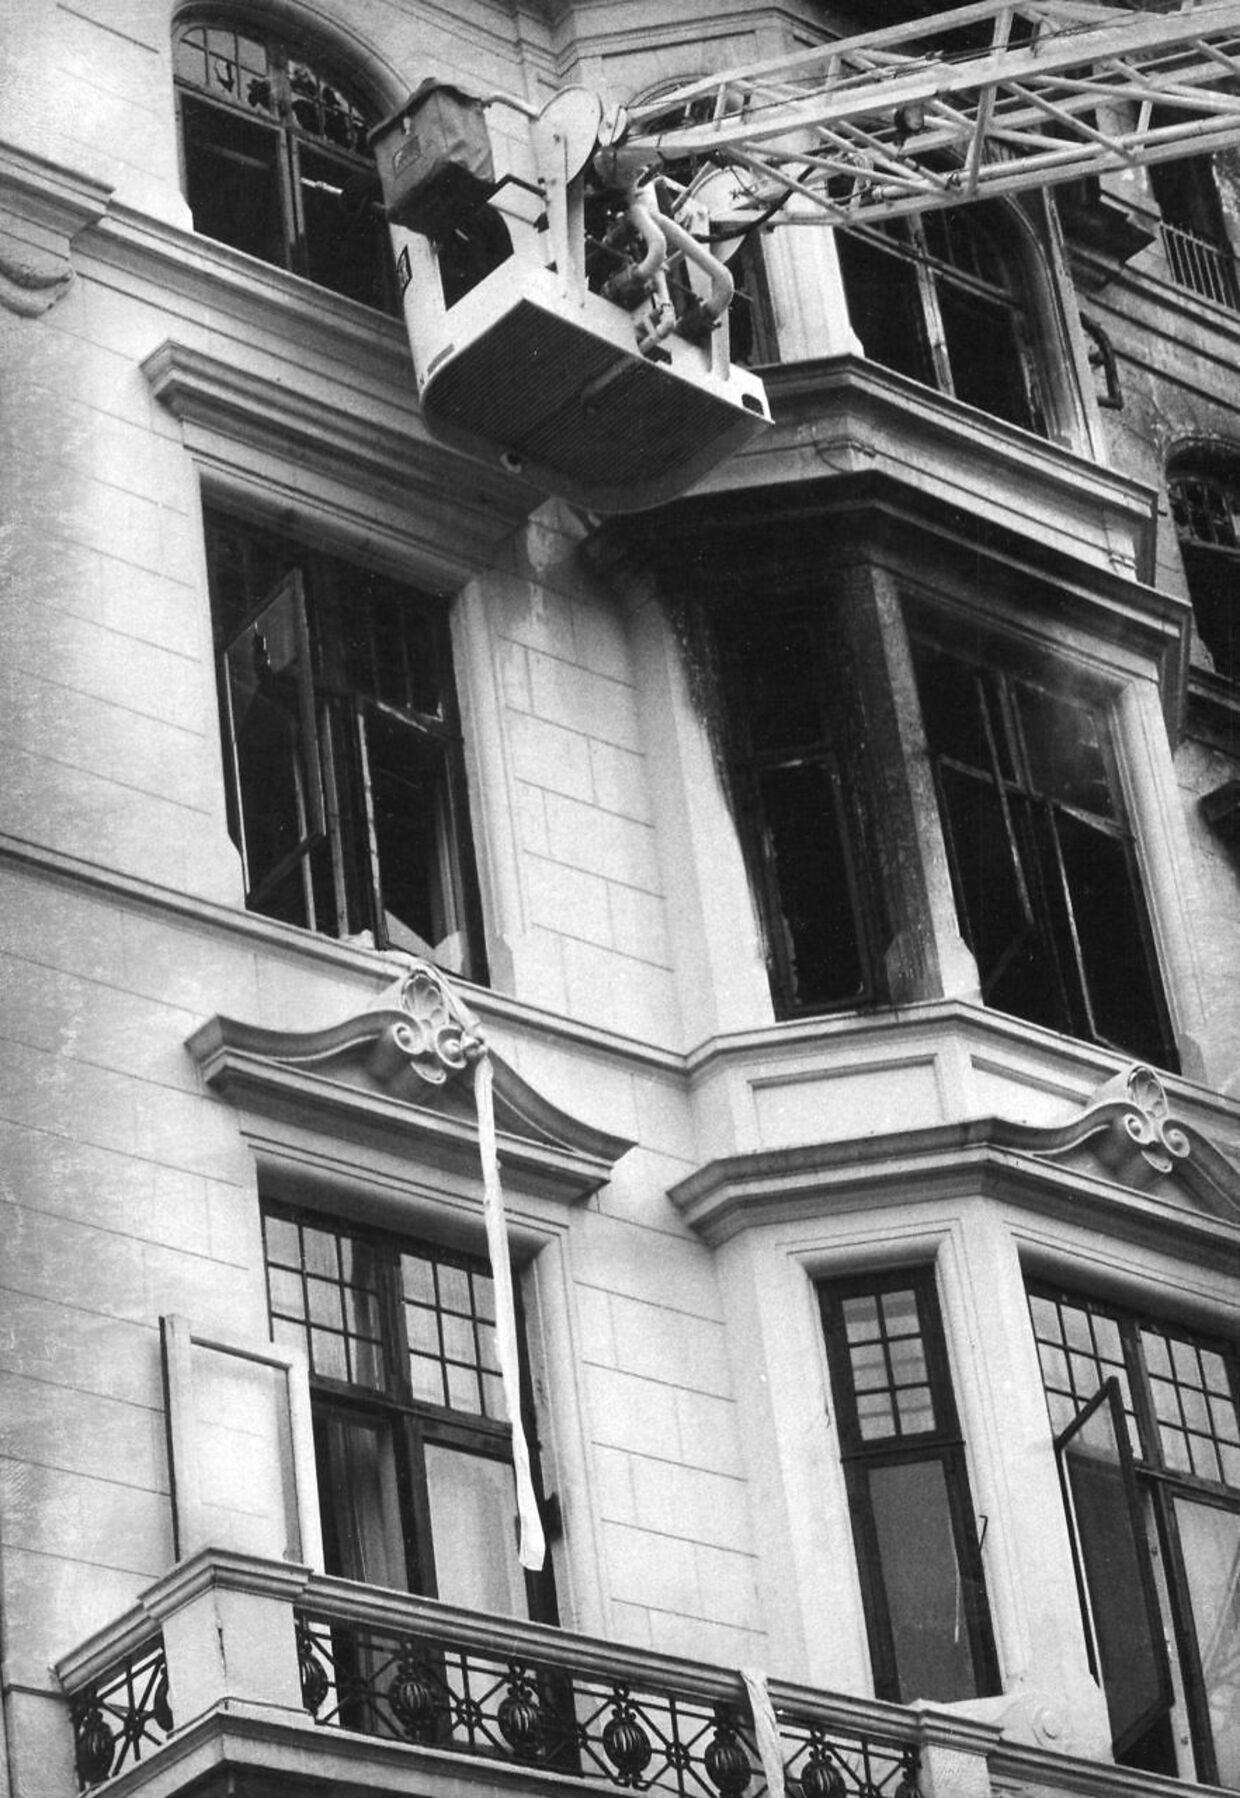 Under den kraftige brand på de øverste etager af Hotel Hafnia i København i 1973 sprang nogle af hotellets gæster i døden fra hotellets altaner for at undslippe flammerne. Andre havde held til at kravle ned via sammenbundne lagner eller blev reddet via brandfolkenes stiger, der blev brugt til det maksimale af deres kapacitet.